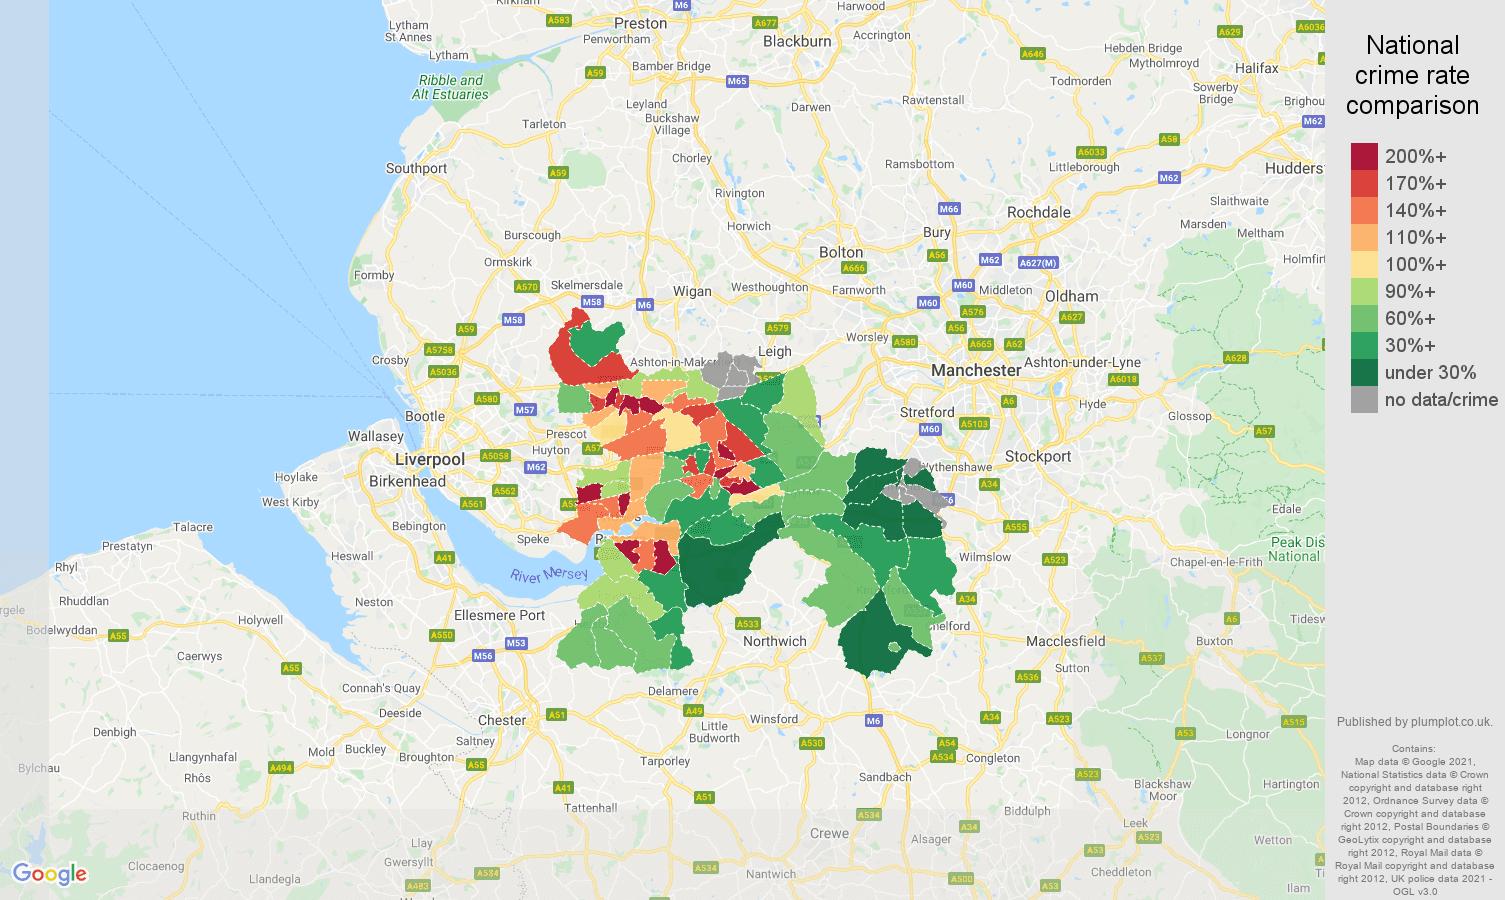 Warrington violent crime rate comparison map